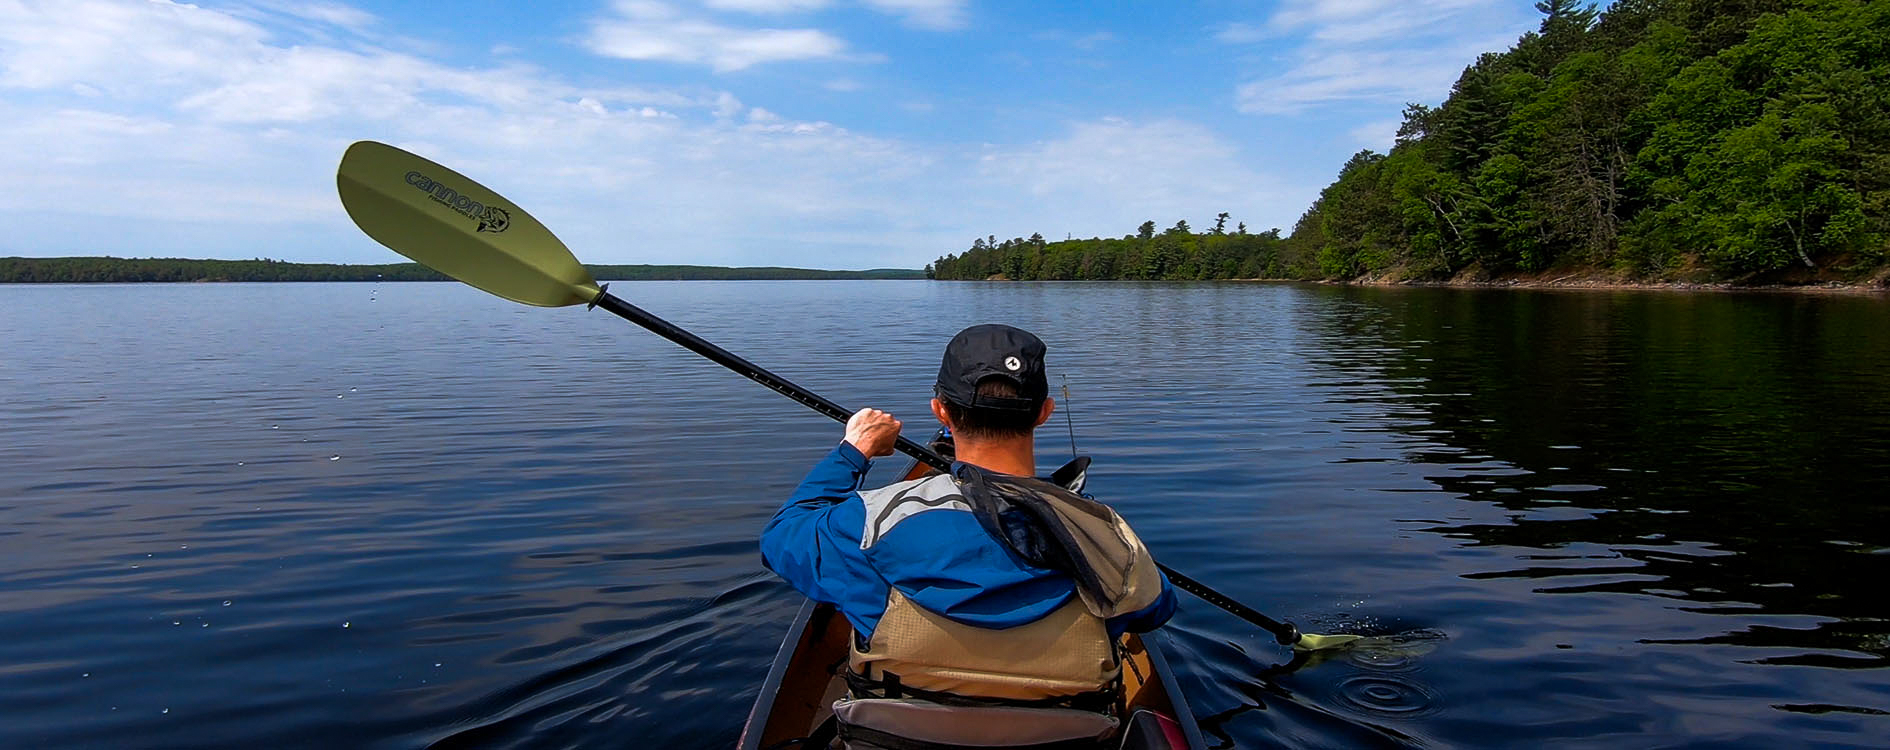 Solo Paddling Lake Opeongo